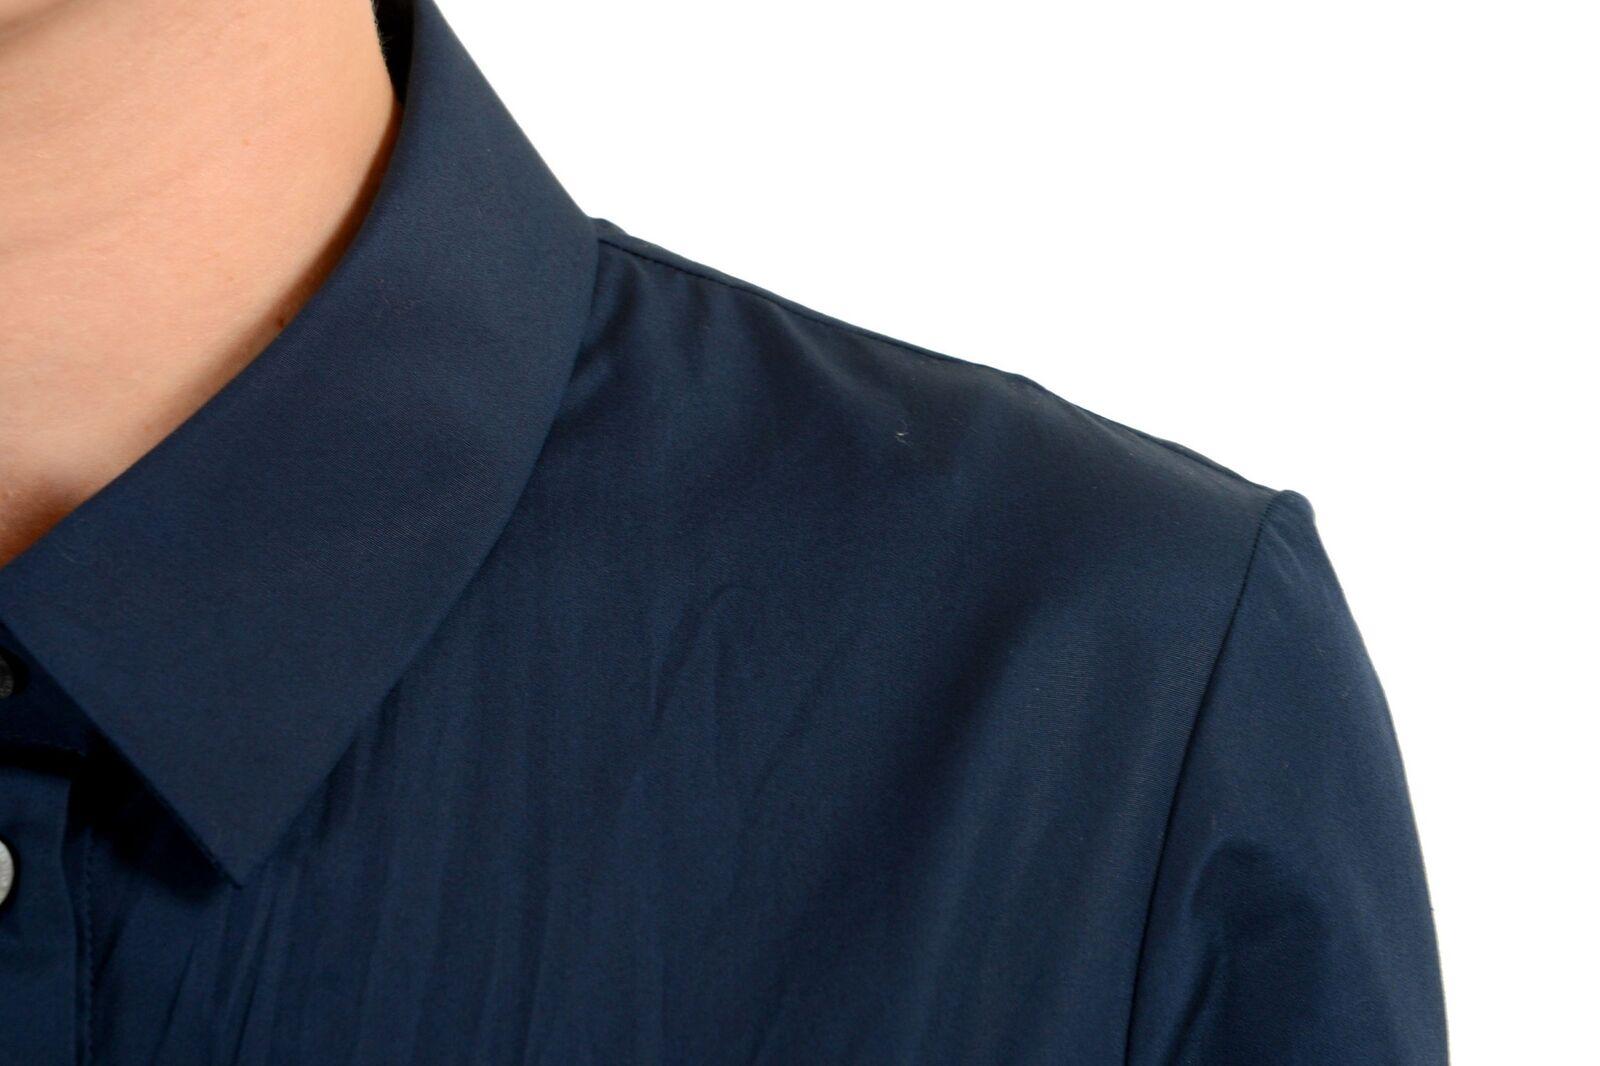 Viktor & Rolf Marineblau Langärmlig Langärmlig Langärmlig Damen Knopfverschluss Shirt Größe XS-XL | Fein Verarbeitet  | Auf Verkauf  | Schnelle Lieferung  | Schenken Sie Ihrem Kind eine glückliche Kindheit  | Verrückter Preis, Birmingham  72dfca